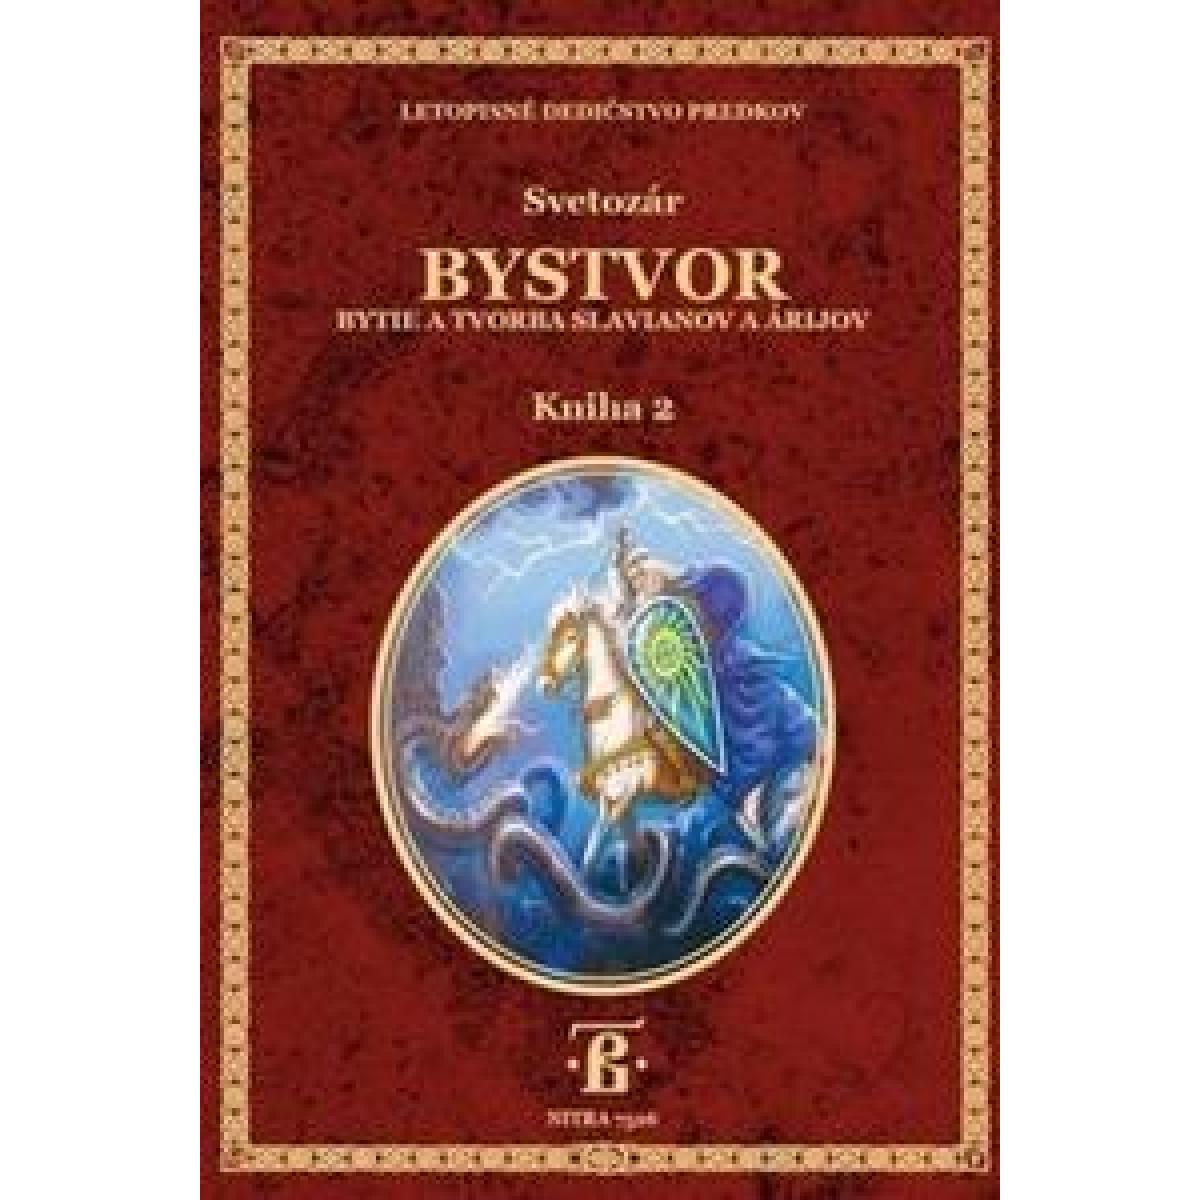 Bystvor - Bytie a tvorba Slavianov a Árijov- Kniha 2 - Svetozár